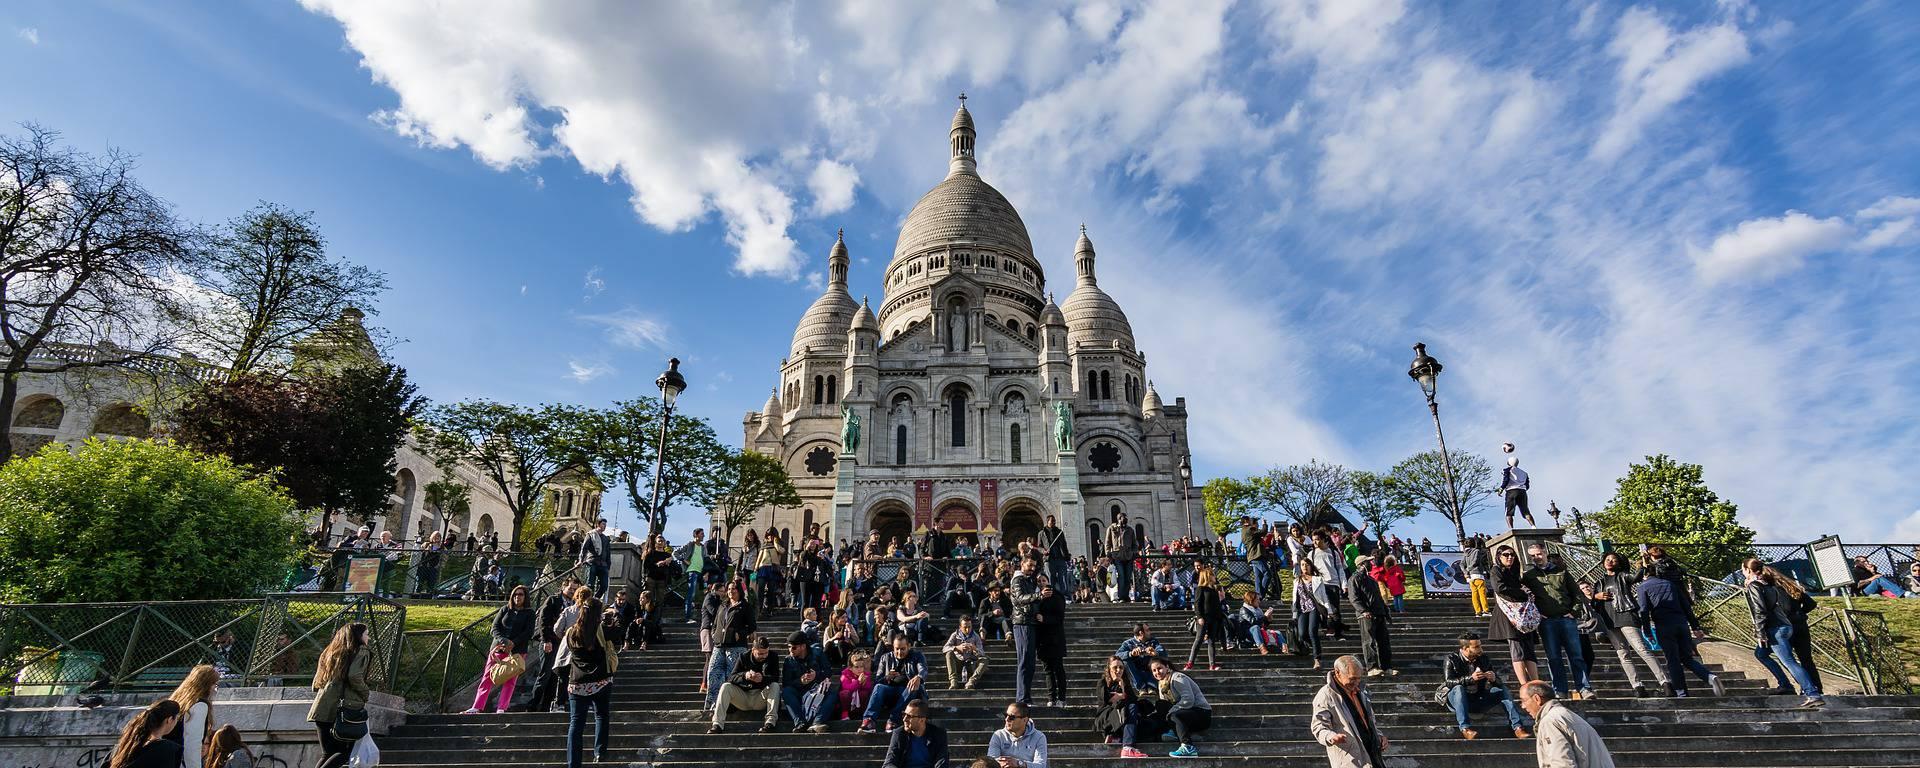 Montmartre ©Pixabay